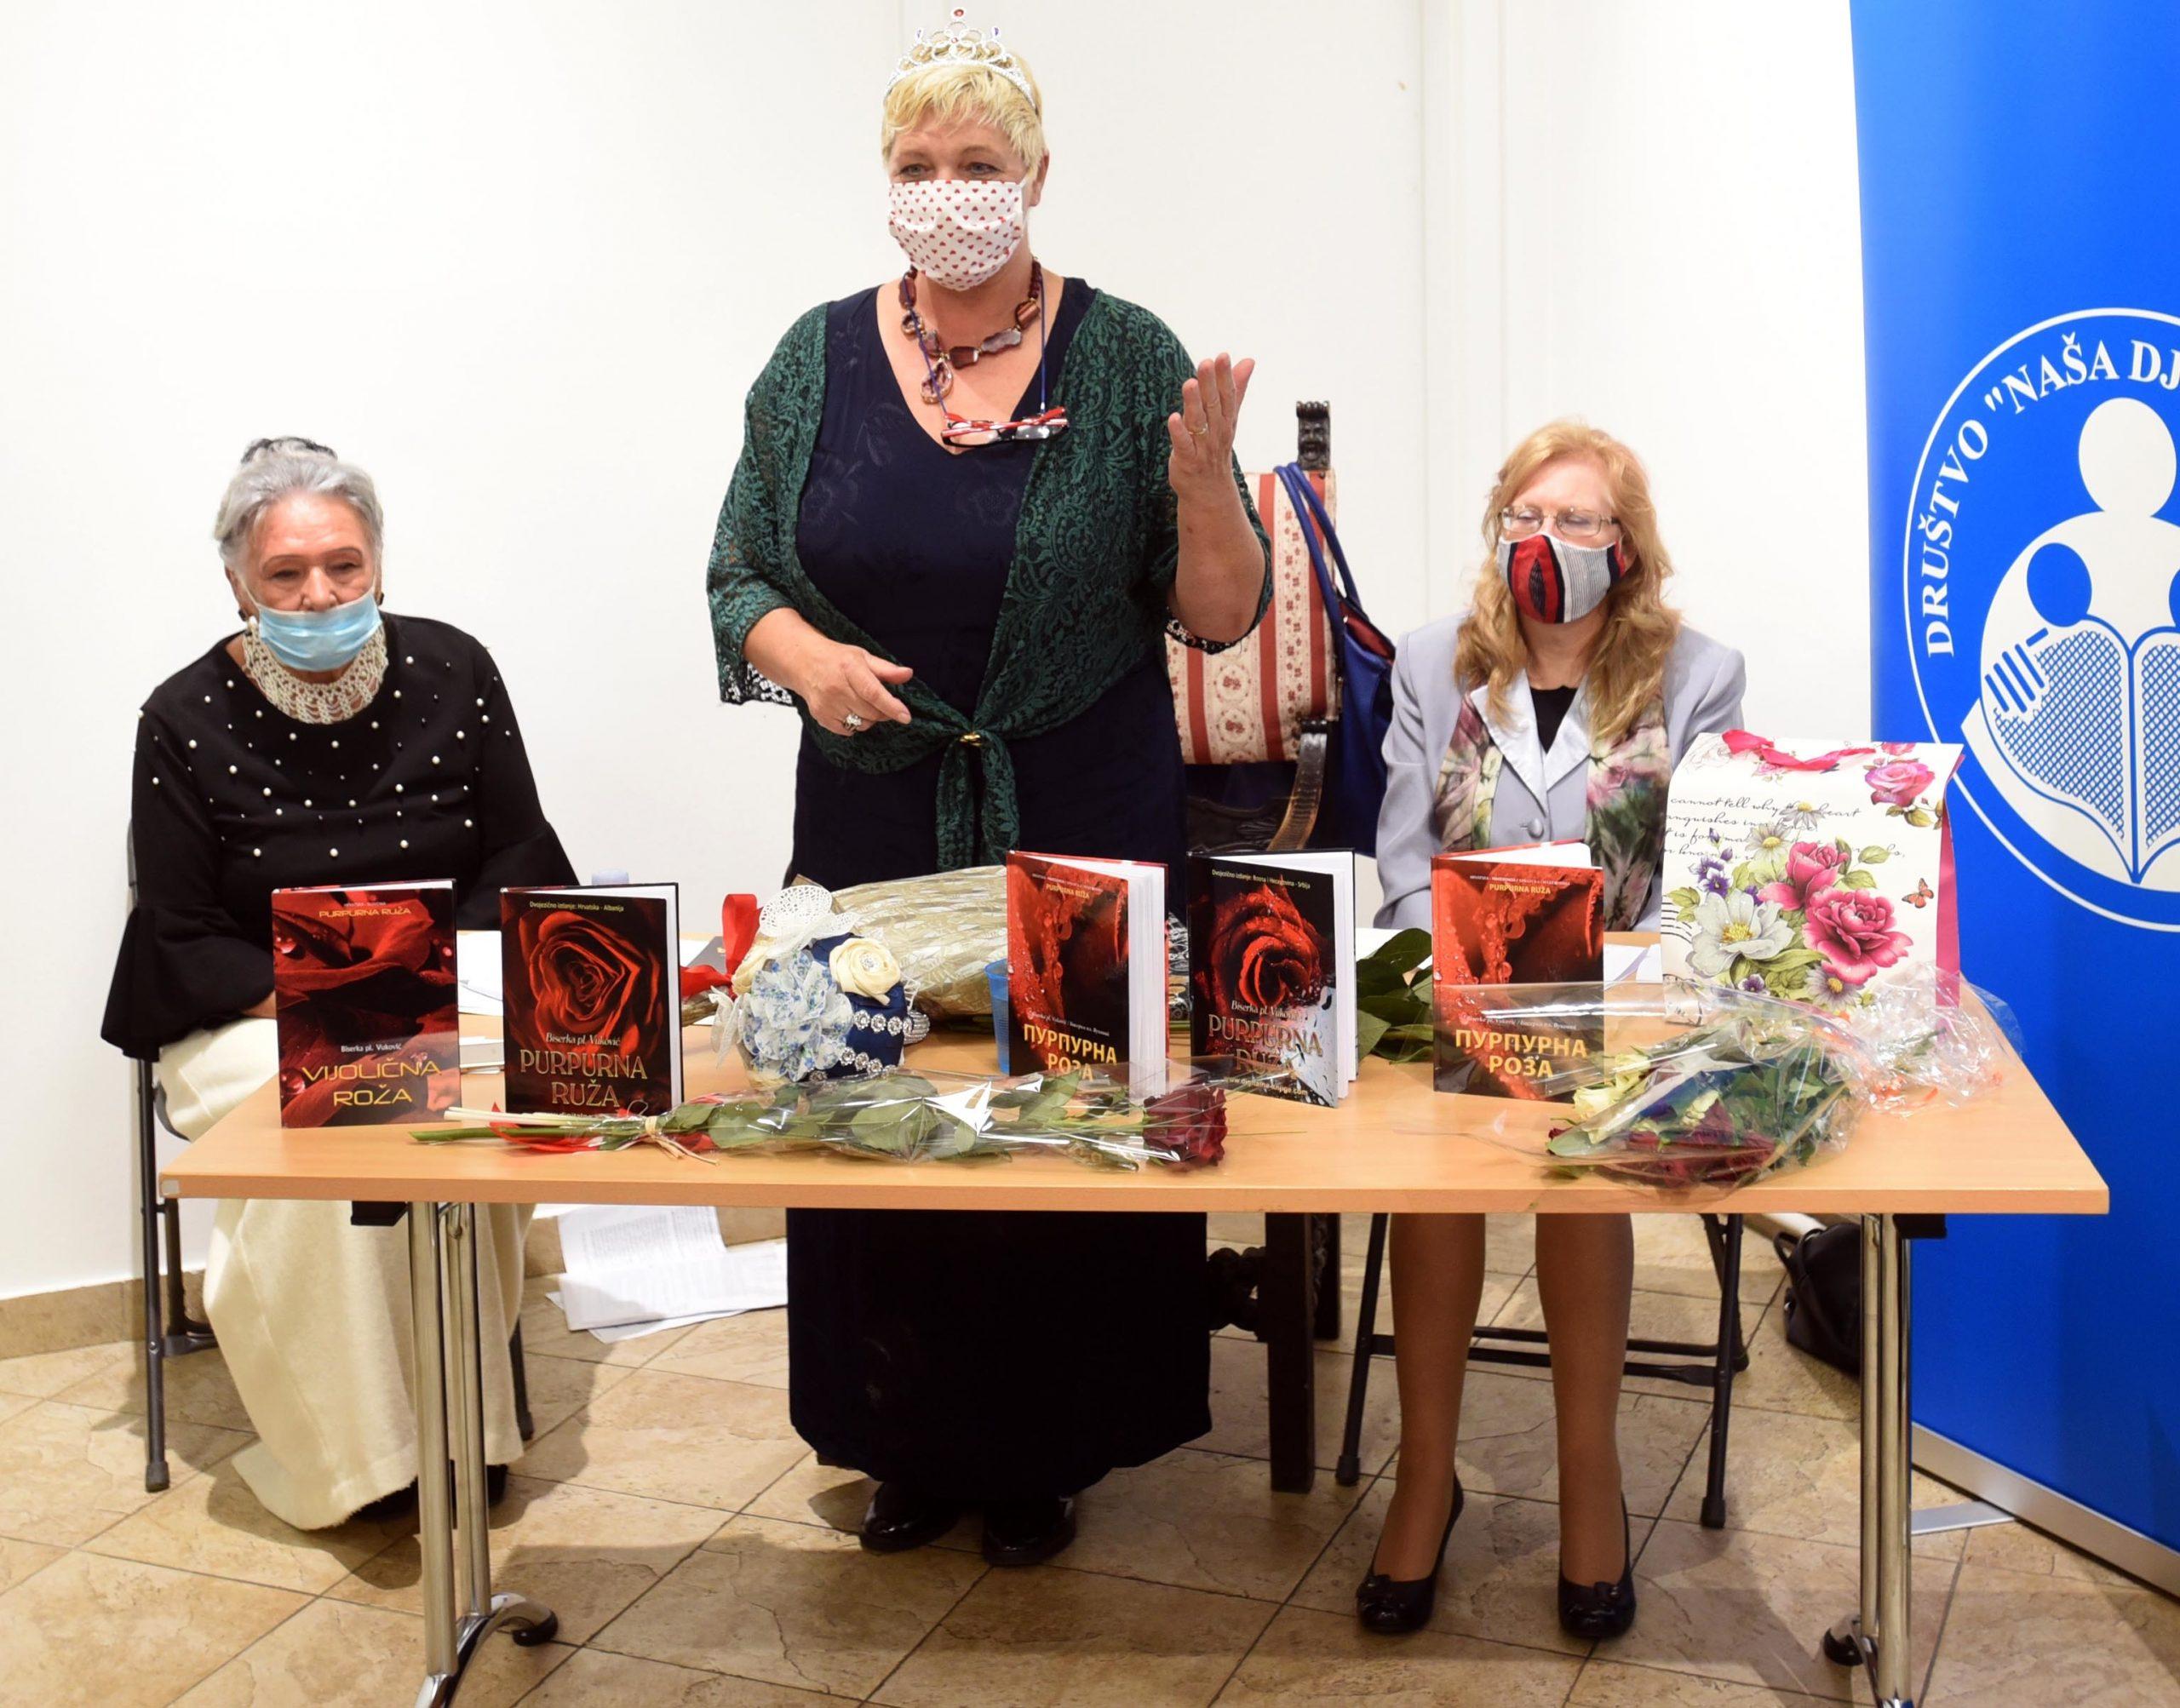 """Biserka pl. Vuković predstavila zbirku poezije """"Purpurna ruža"""" / Snimio Damir ŠKOMRLJ"""